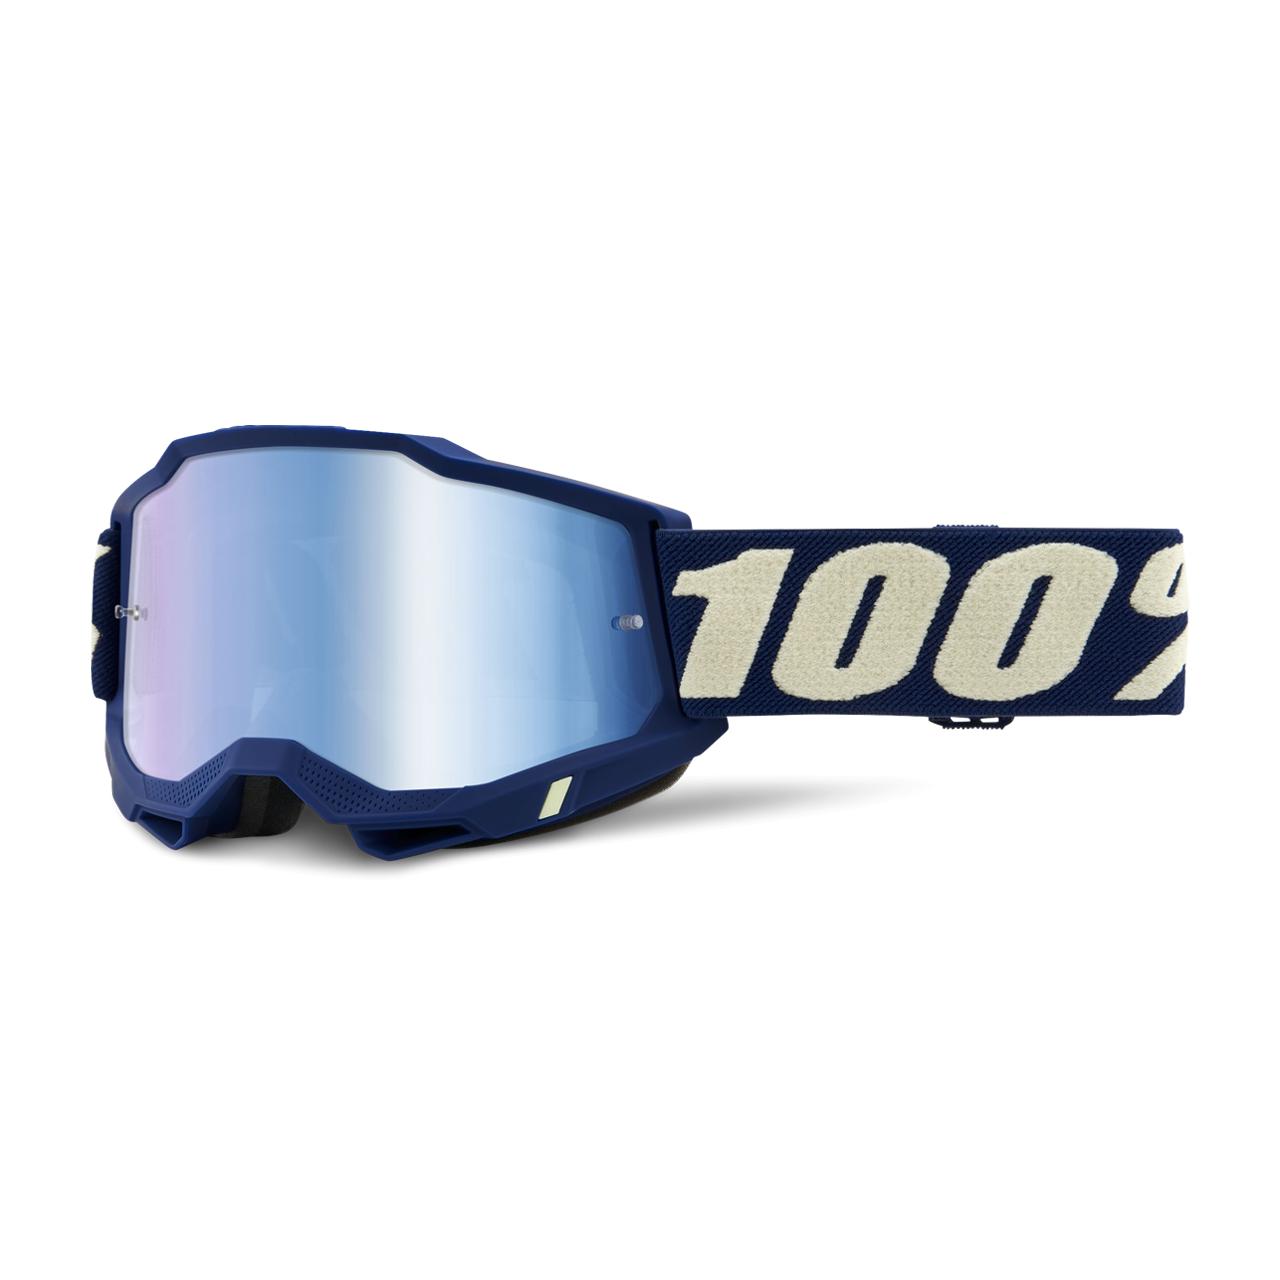 100% Maschera Cross  Accuri 2 Deepmarine Blu Scuro